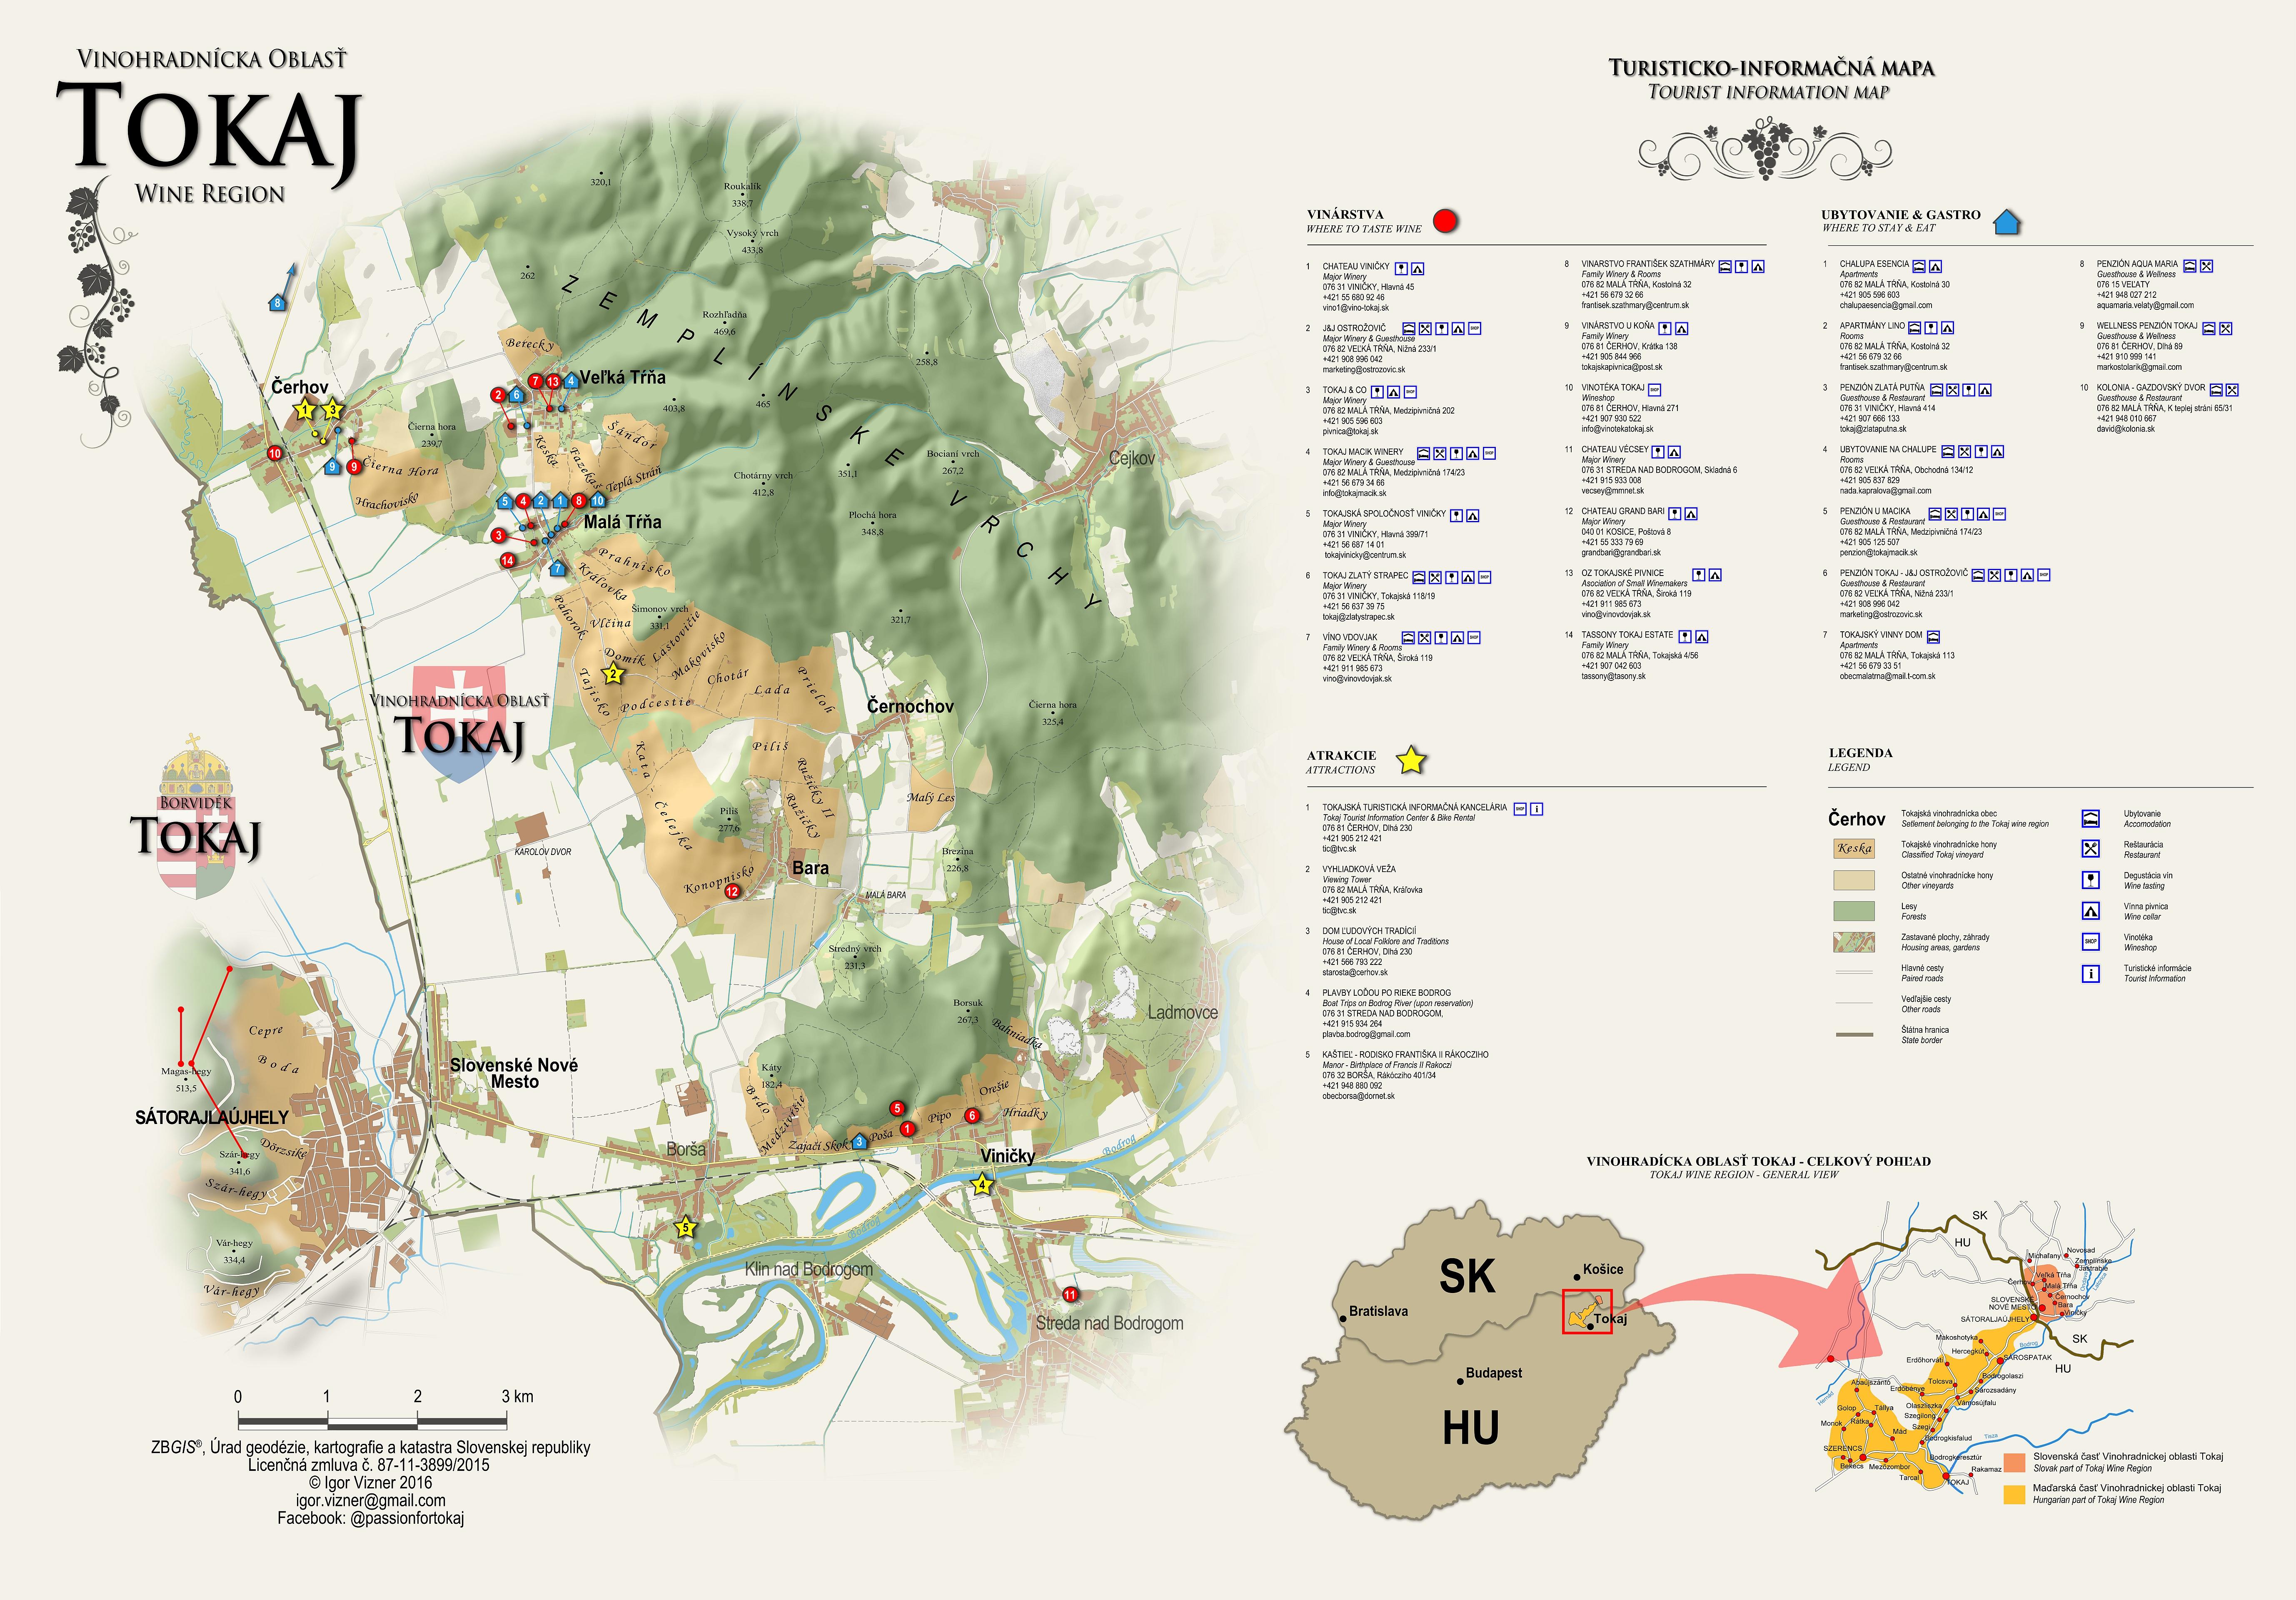 Tokaj Wine Region Tour